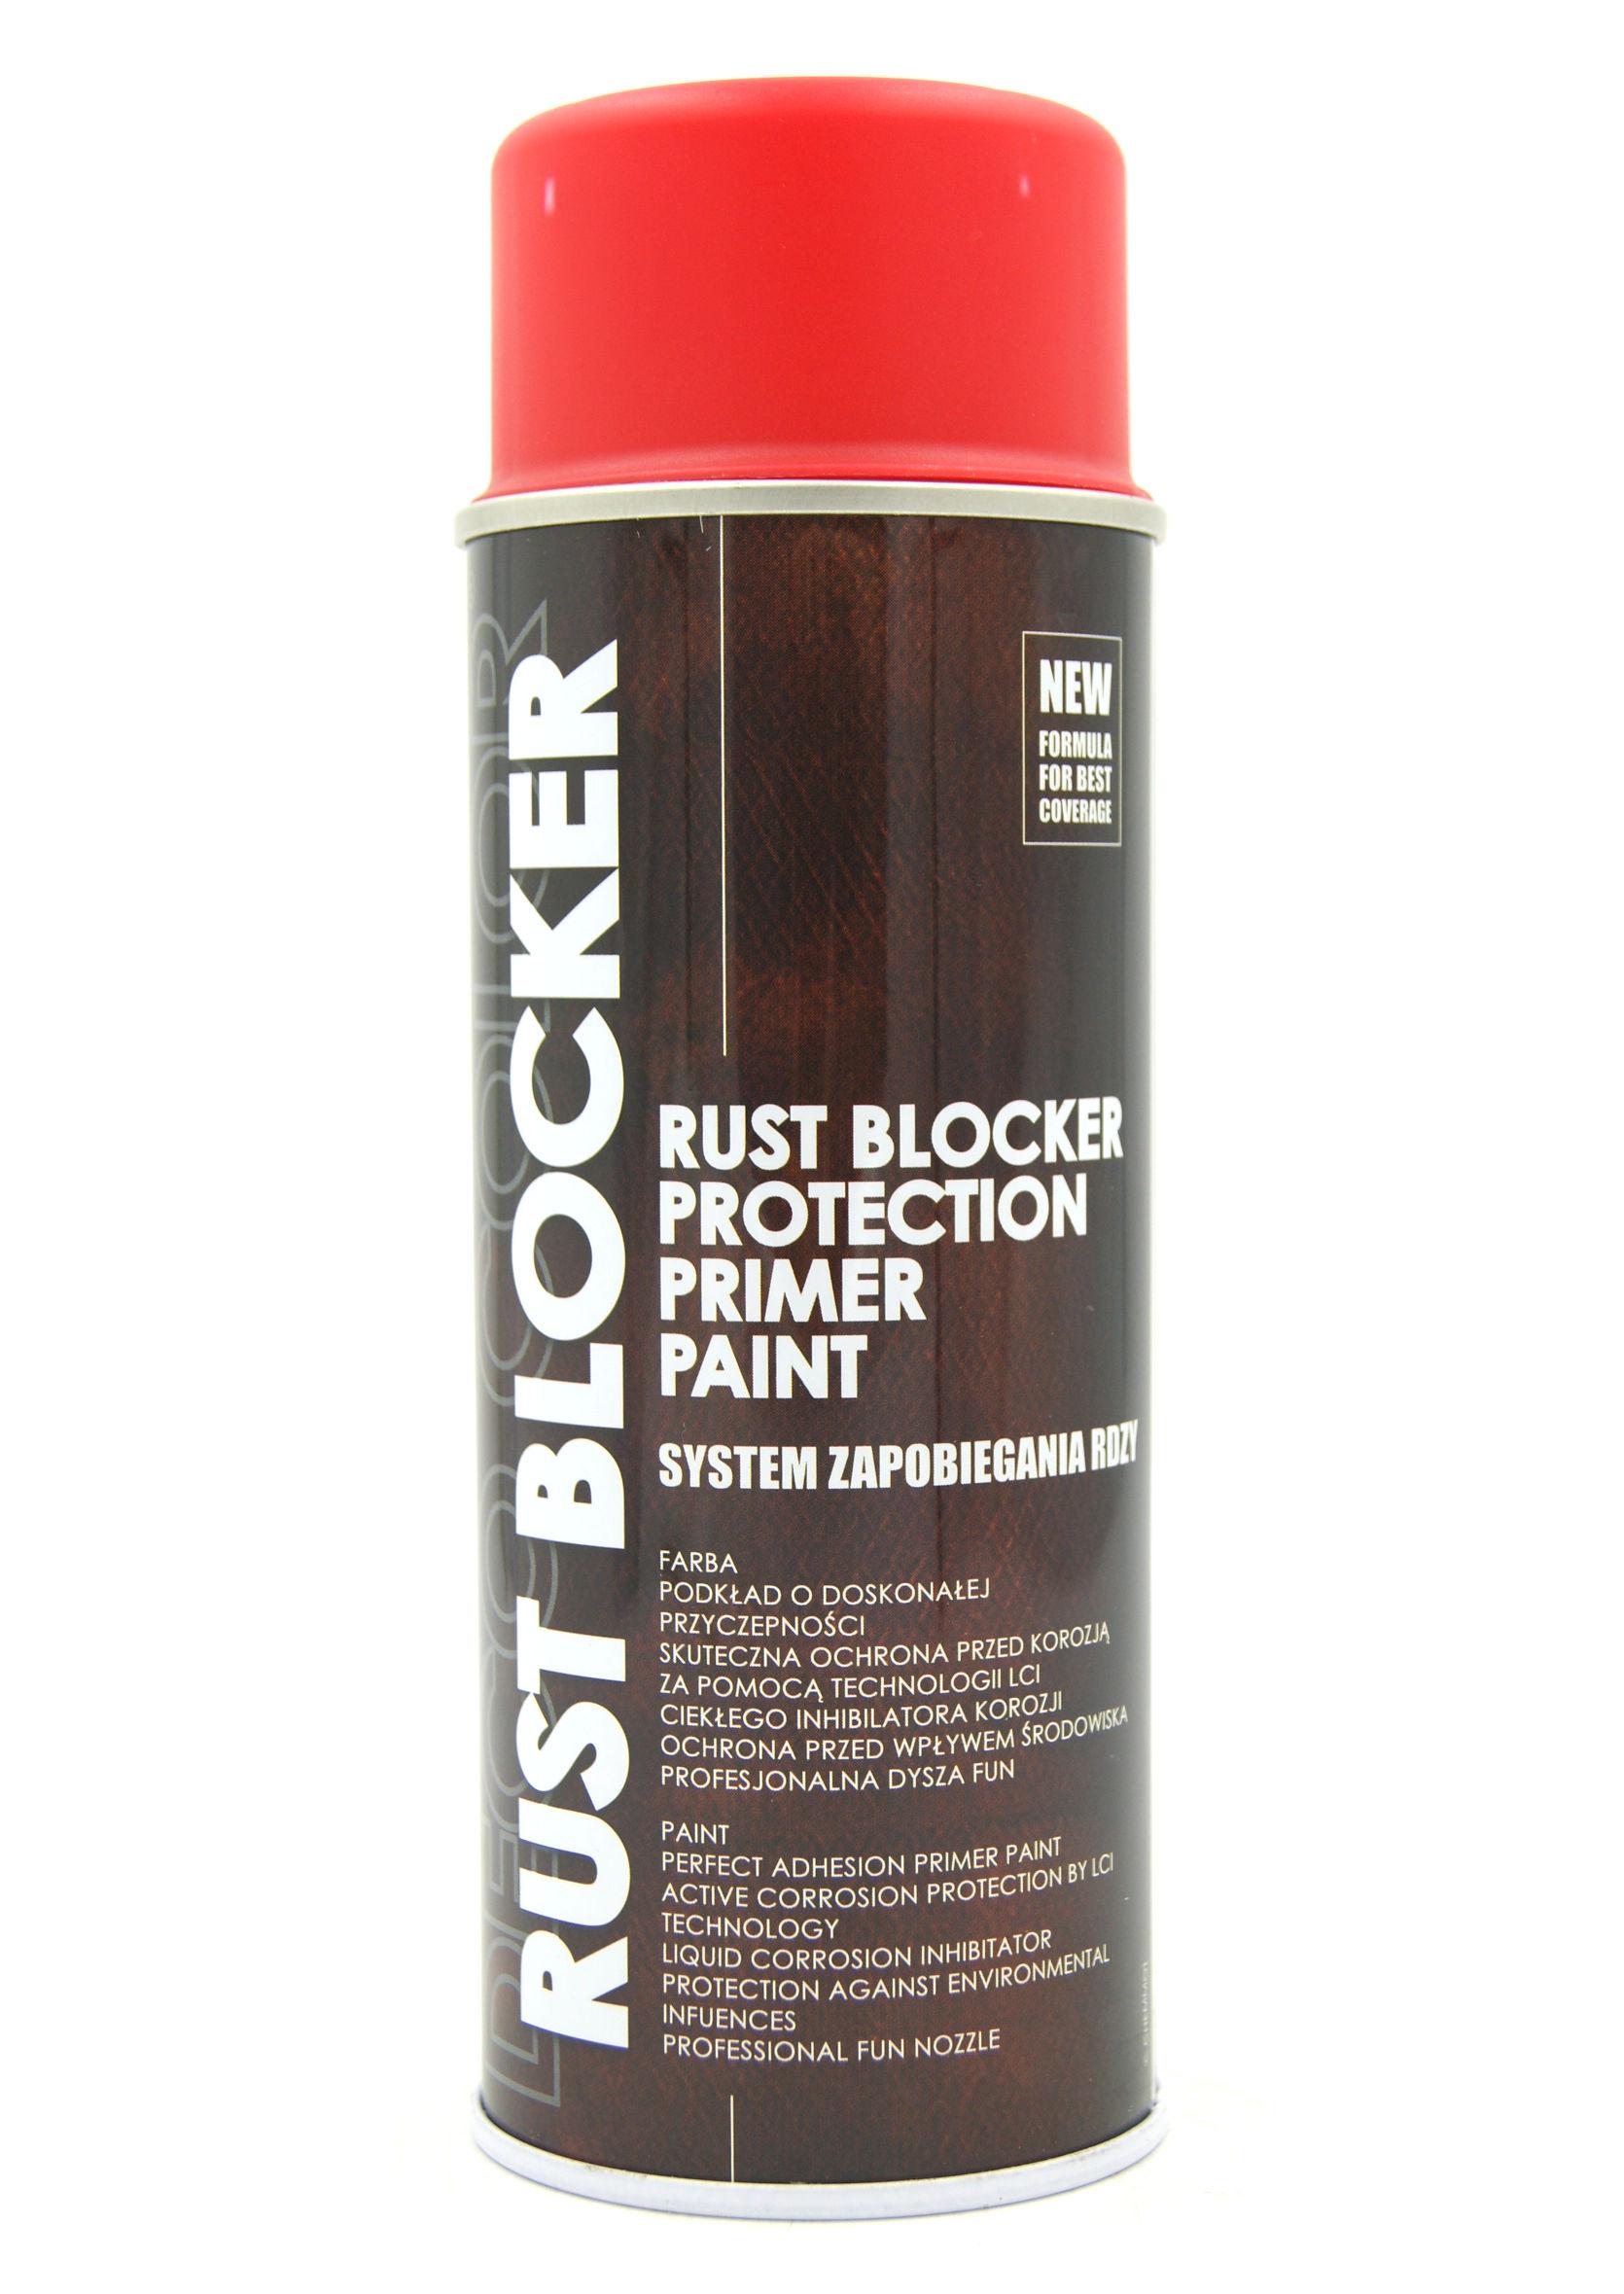 Deco Color Rust Blocker Czerwony 3000 400ml Farba Podkładowa Antykorozyjna